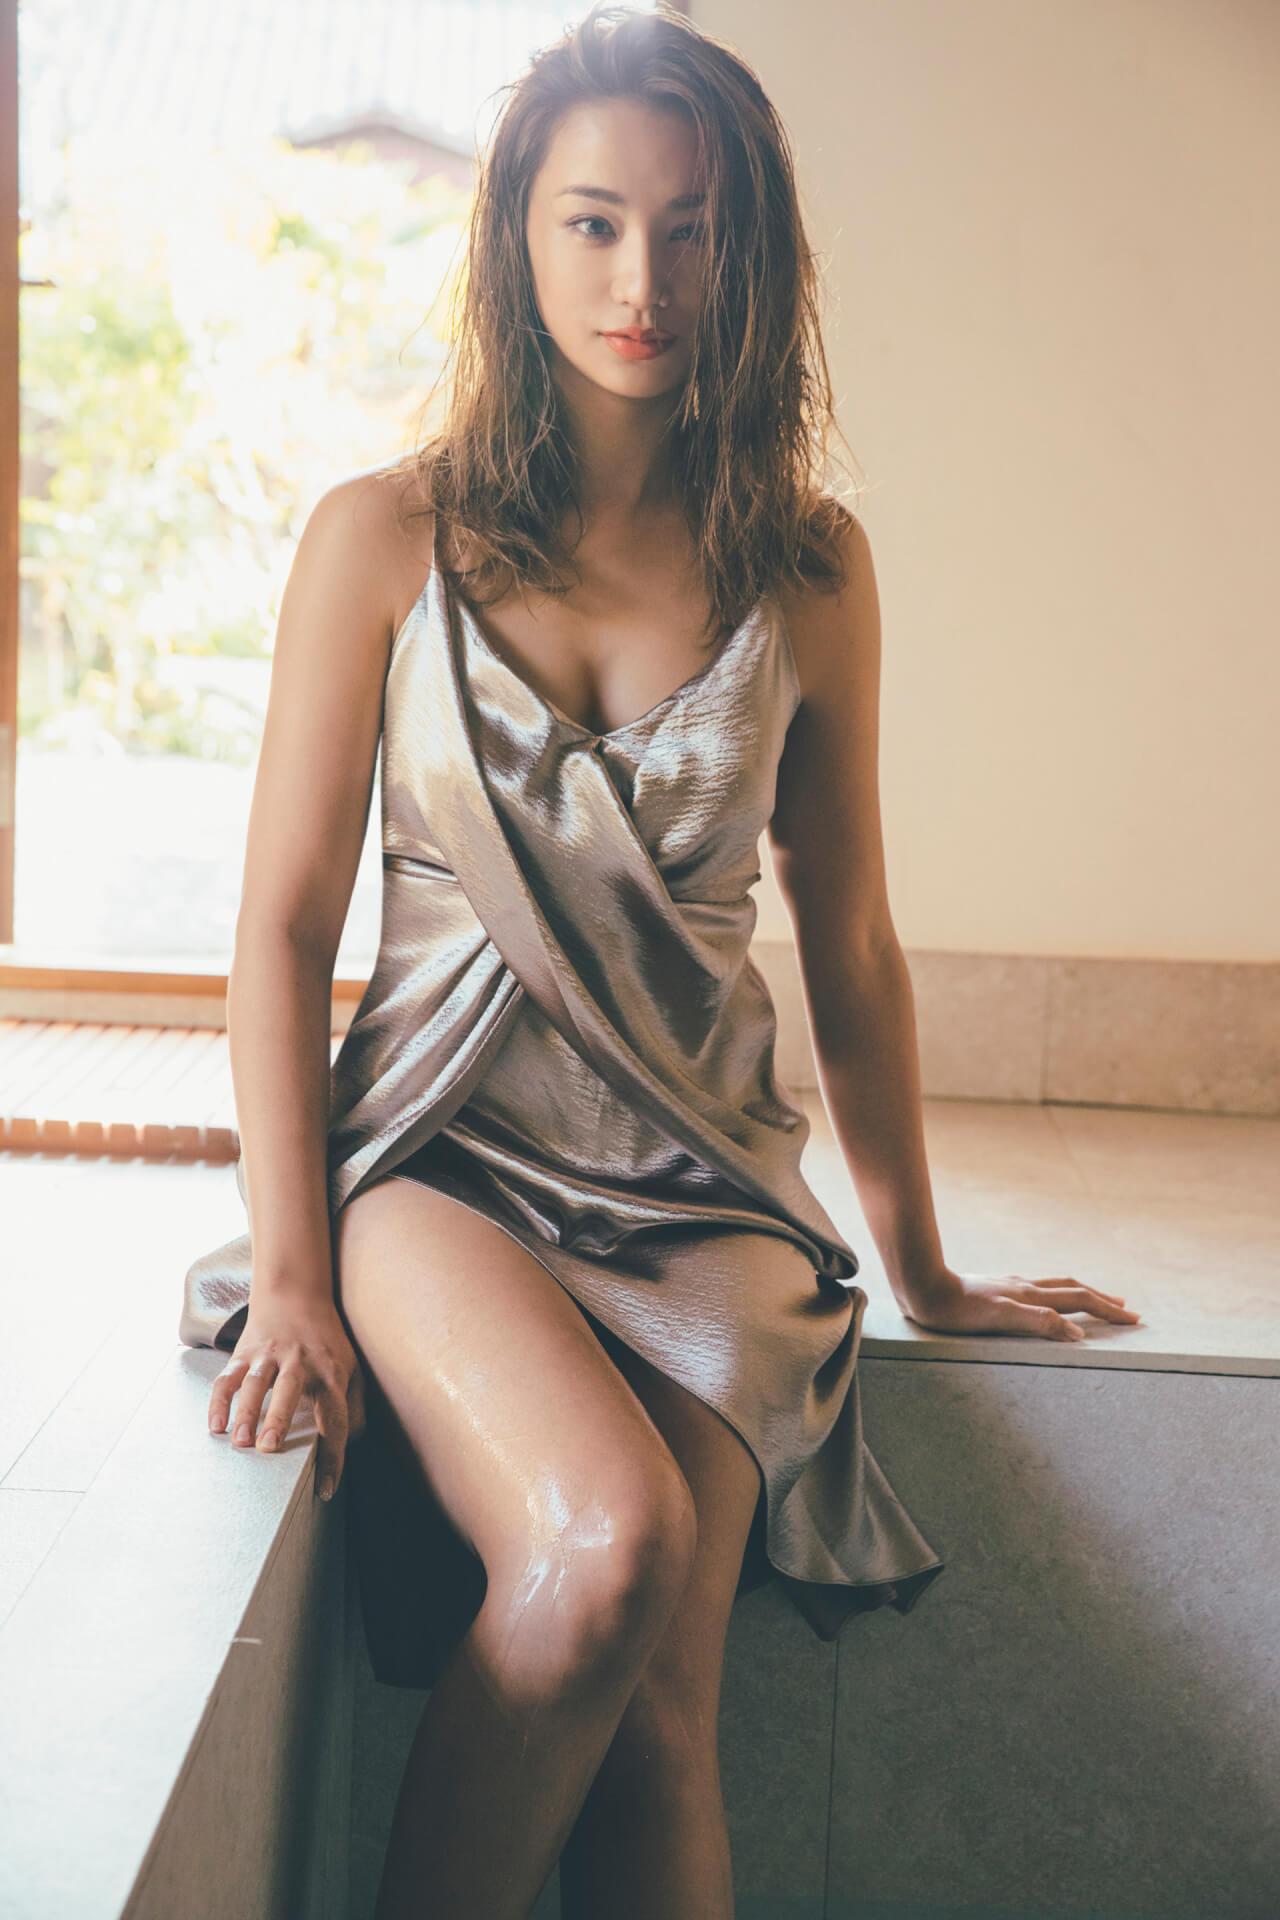 高橋メアリージュンが妖艶な生足で魅せる!『FLASH』の表紙&巻頭グラビアに登場 art210406_flash_3